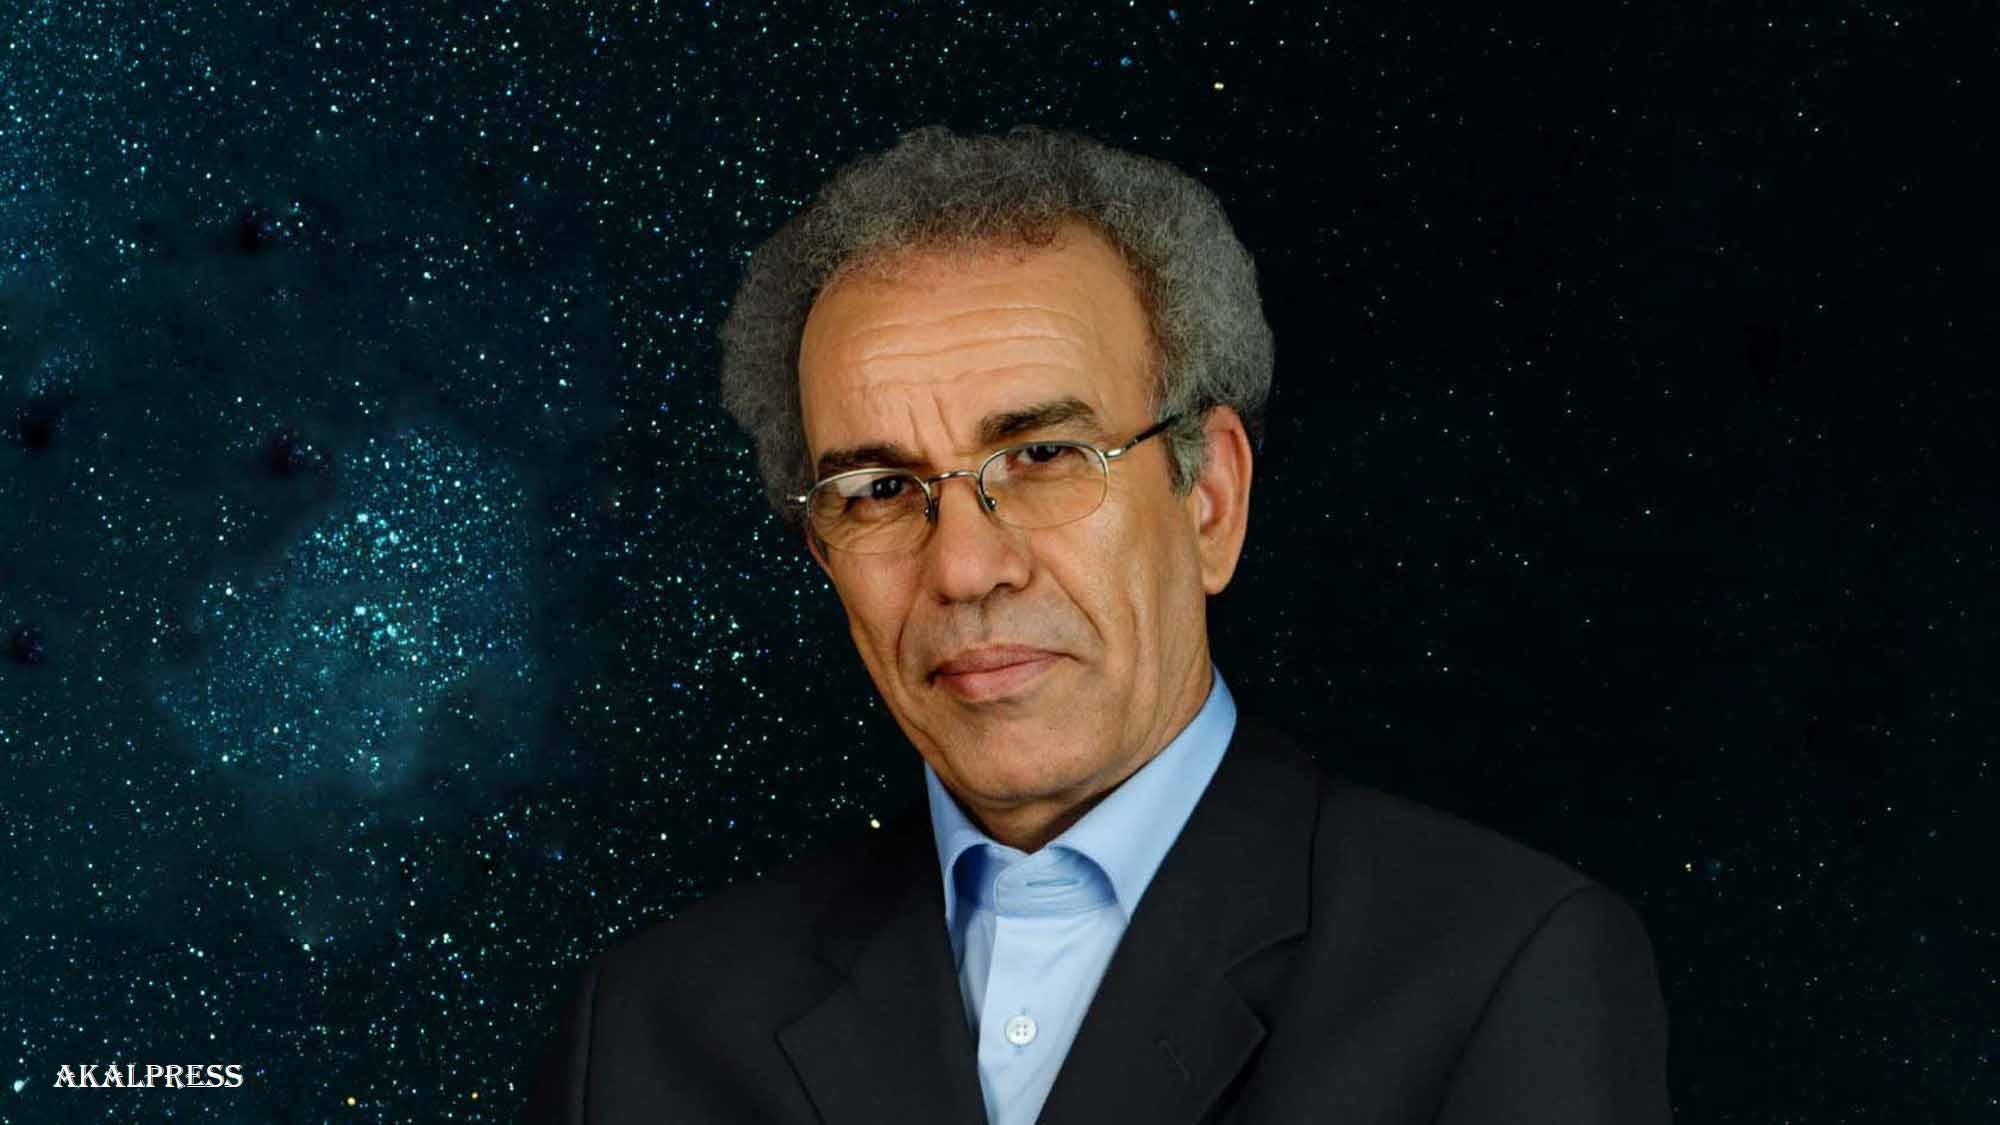 حركة ضمير تستنكر التحريض على قتل الأستاذ أحمد عصيد